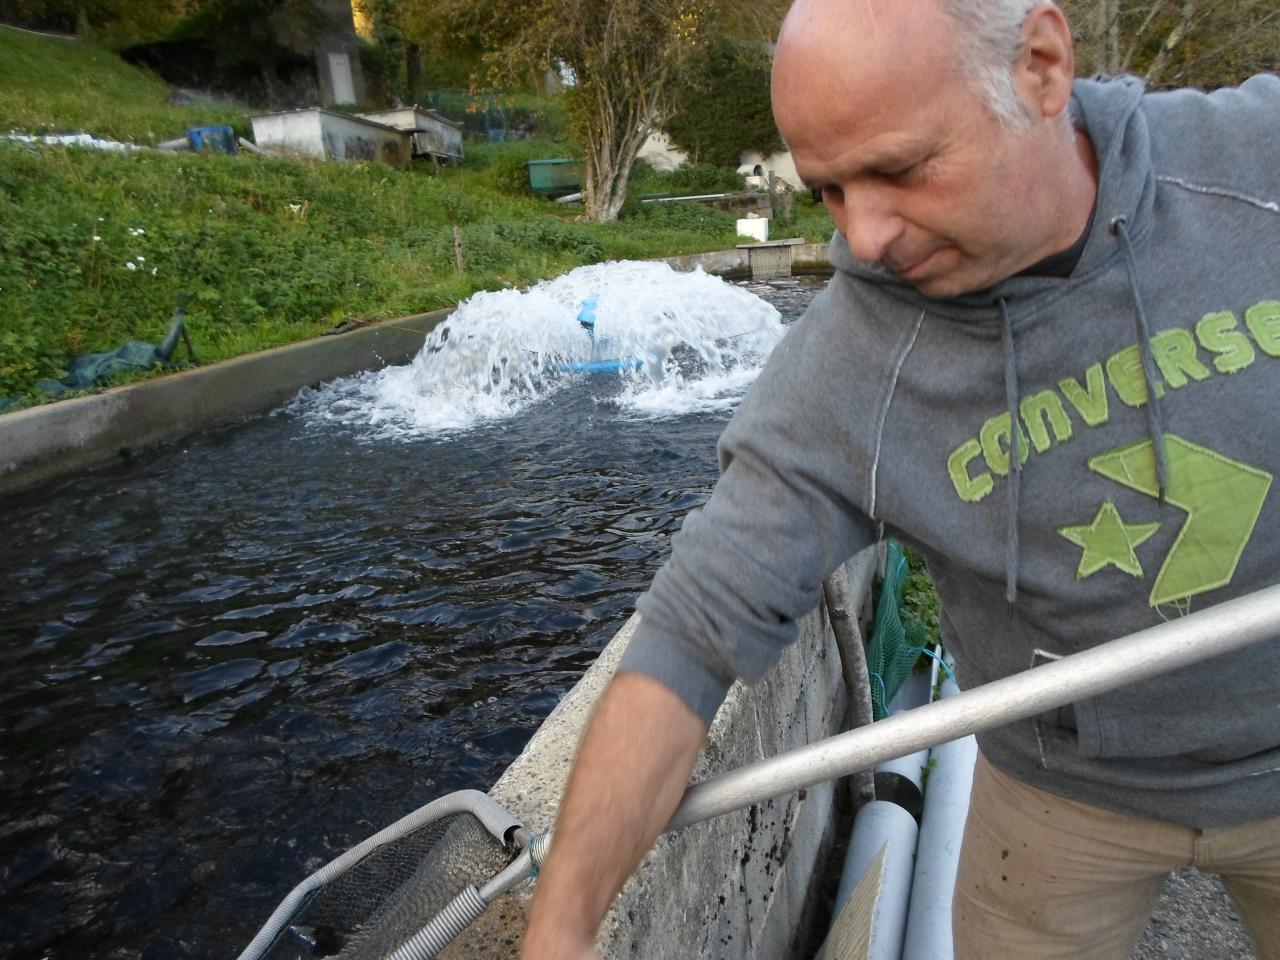 A la pisciculture du Ganel